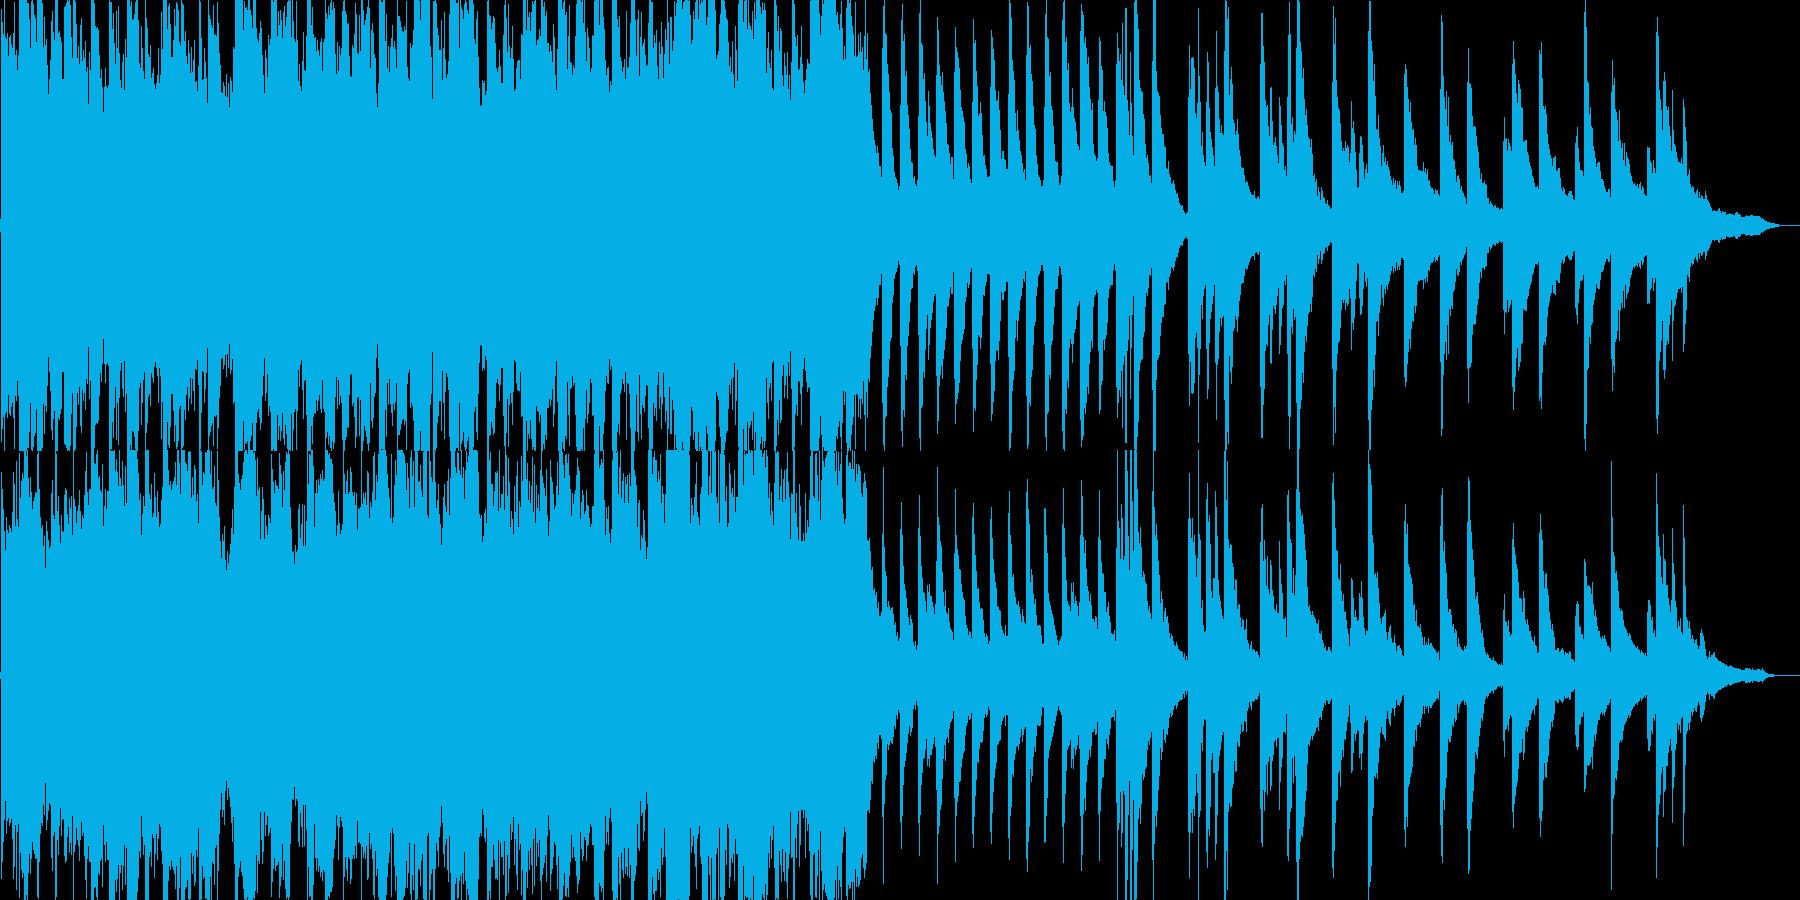 ピアノオーケストラの悲しいバラードの再生済みの波形